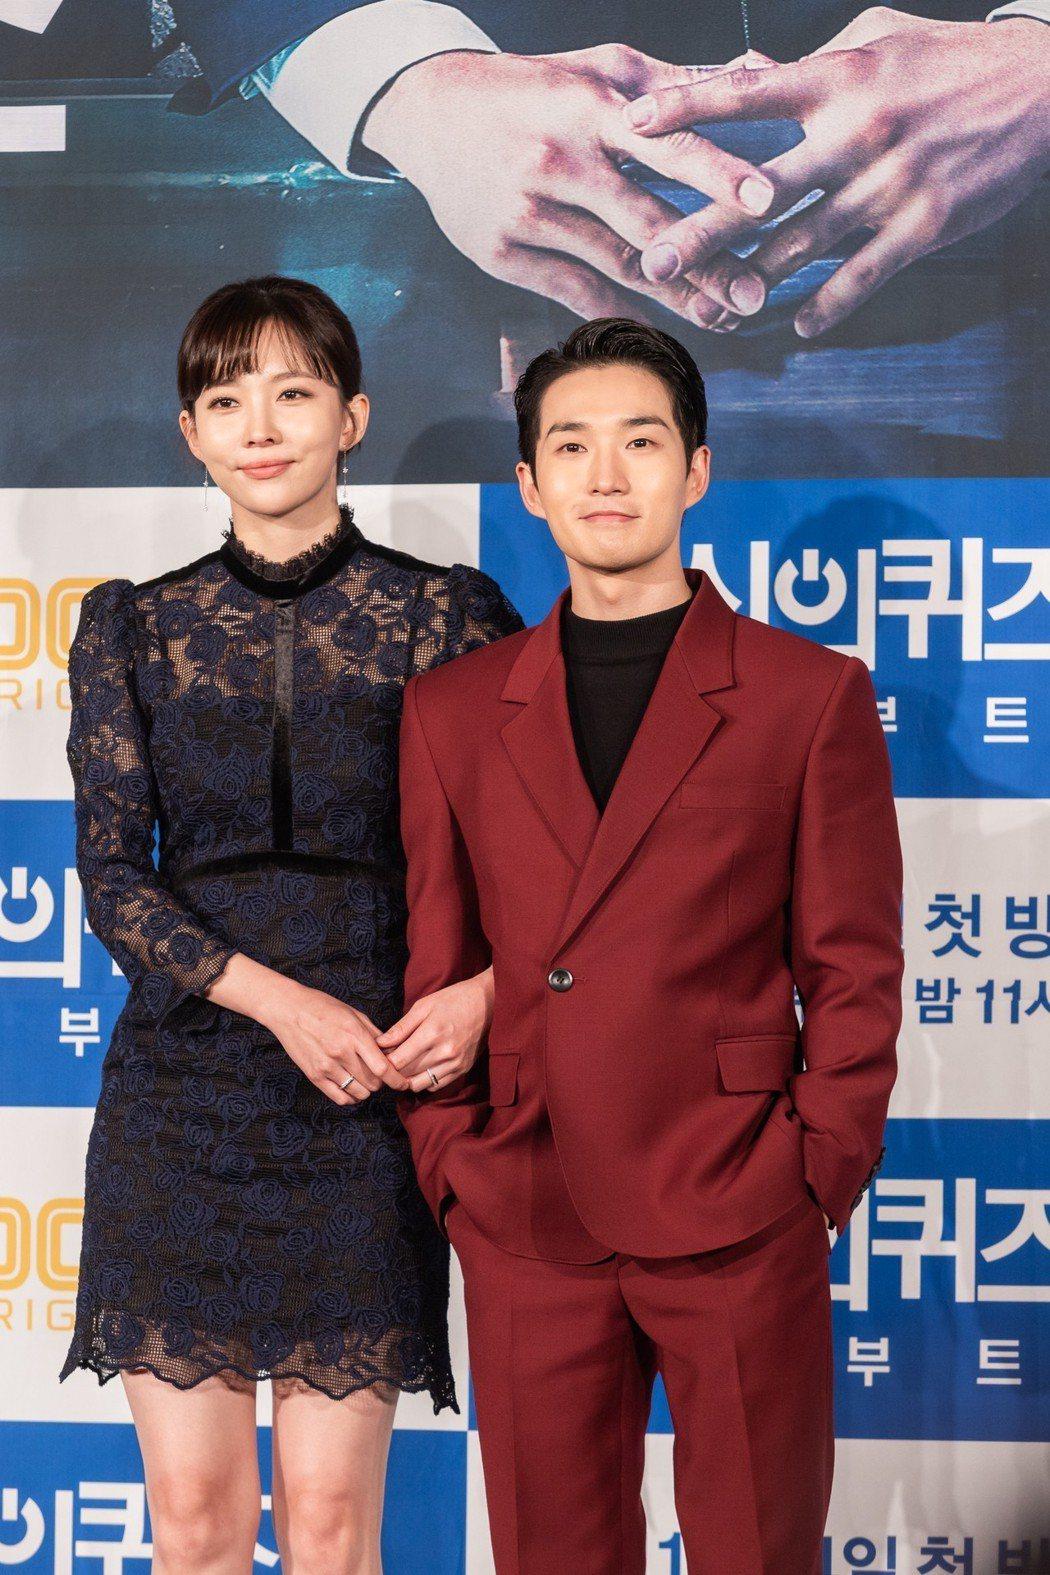 柳德煥和尹周熙默契十足。圖/KKTV提供